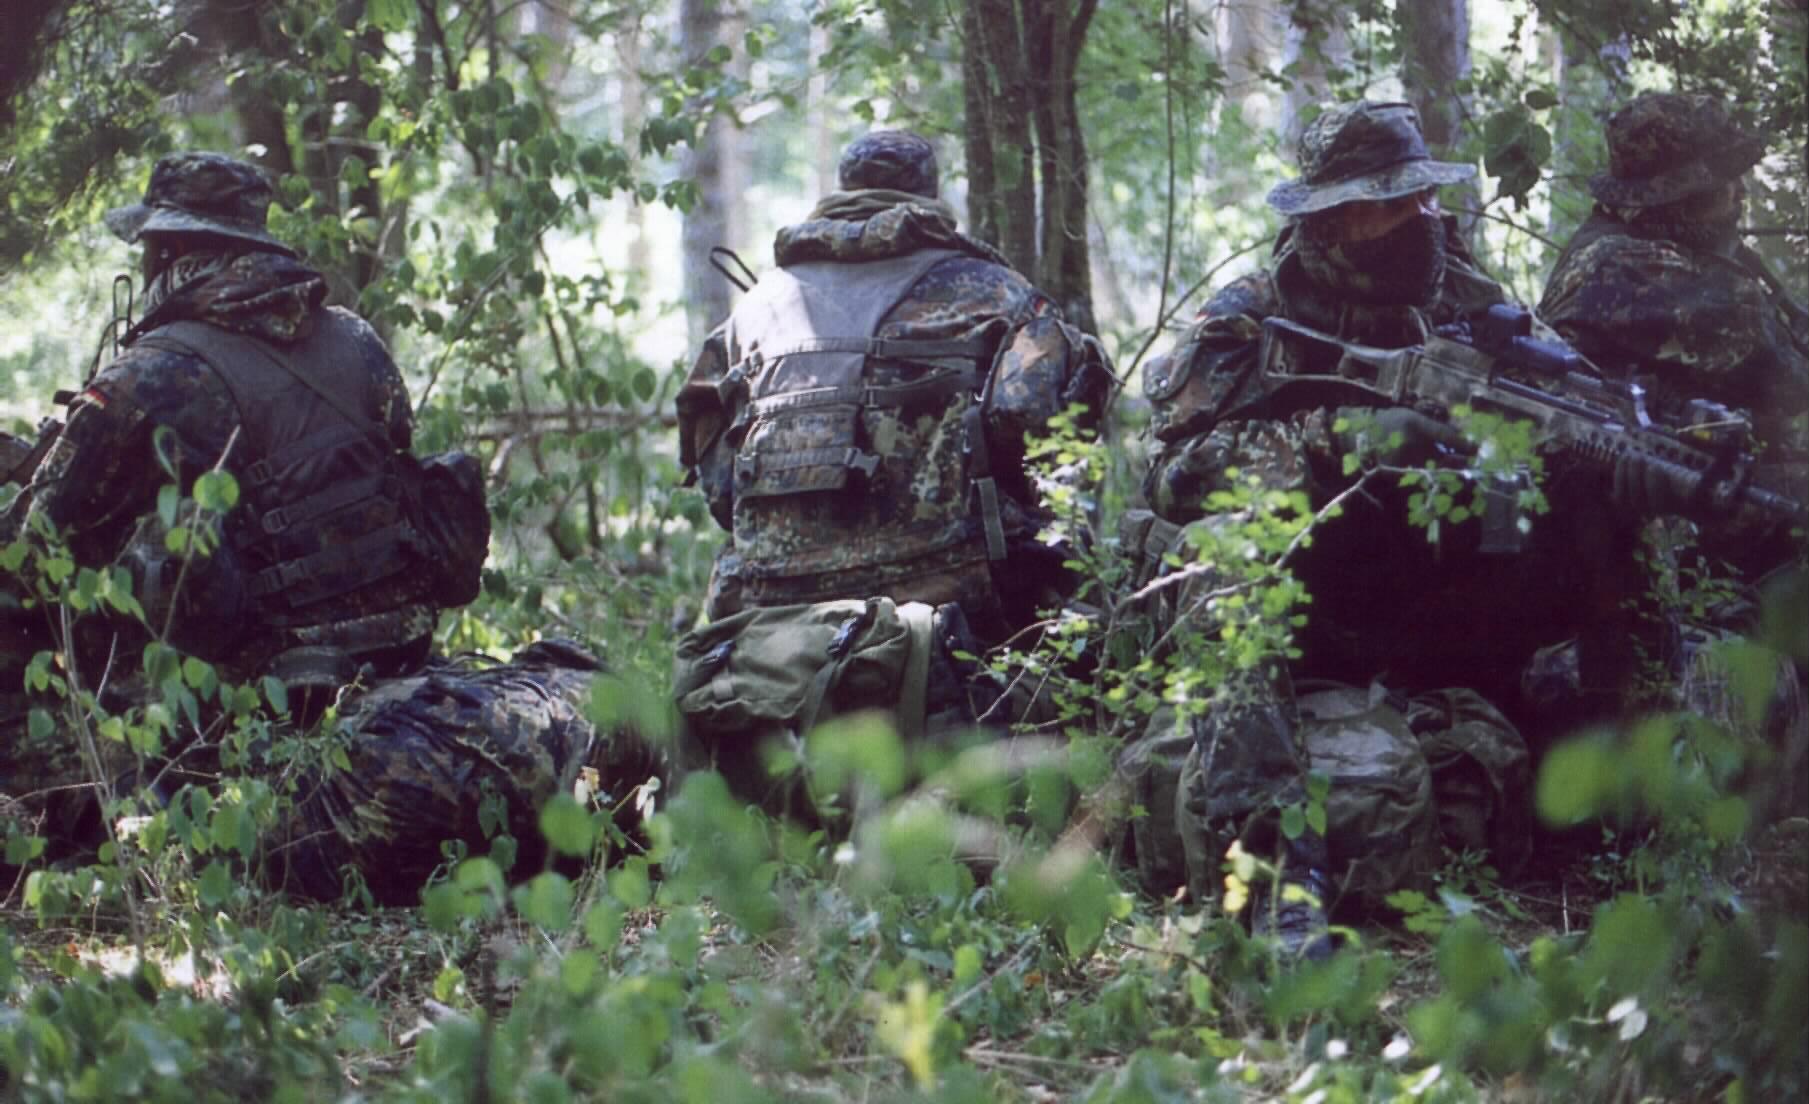 Солдат и член в лесу 3 фотография